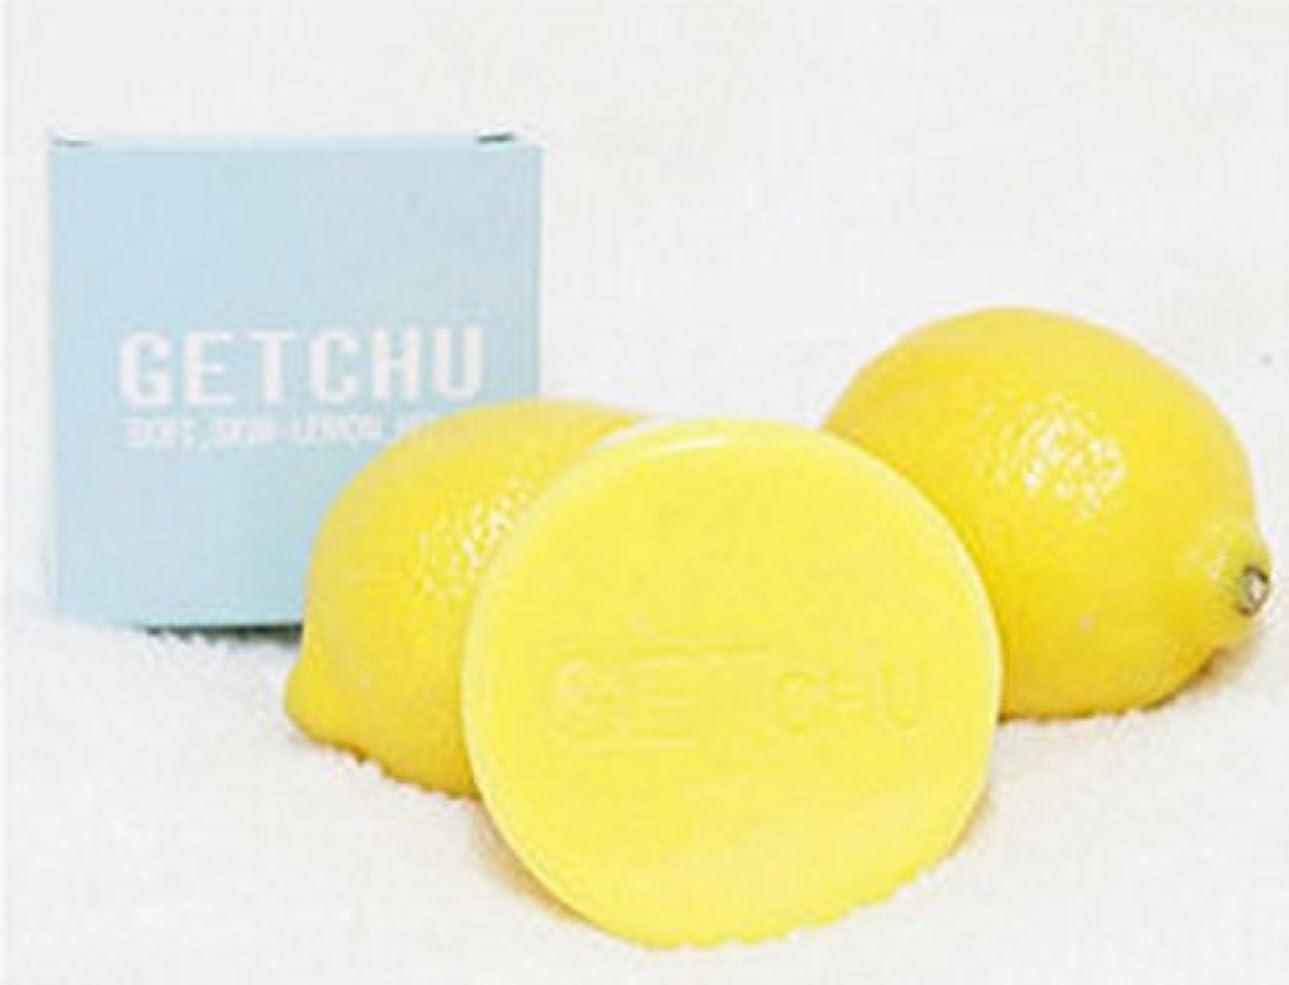 スカルクかろうじて欲しいです[ソフト スキン ] ゲット ズ- (Get Chu) レモンソープ 石鹼 , 美白 泡洗顔料, ユギノン レモンの成分 ホワイトニング効果/ バブル網 贈呈 [海外直送品]